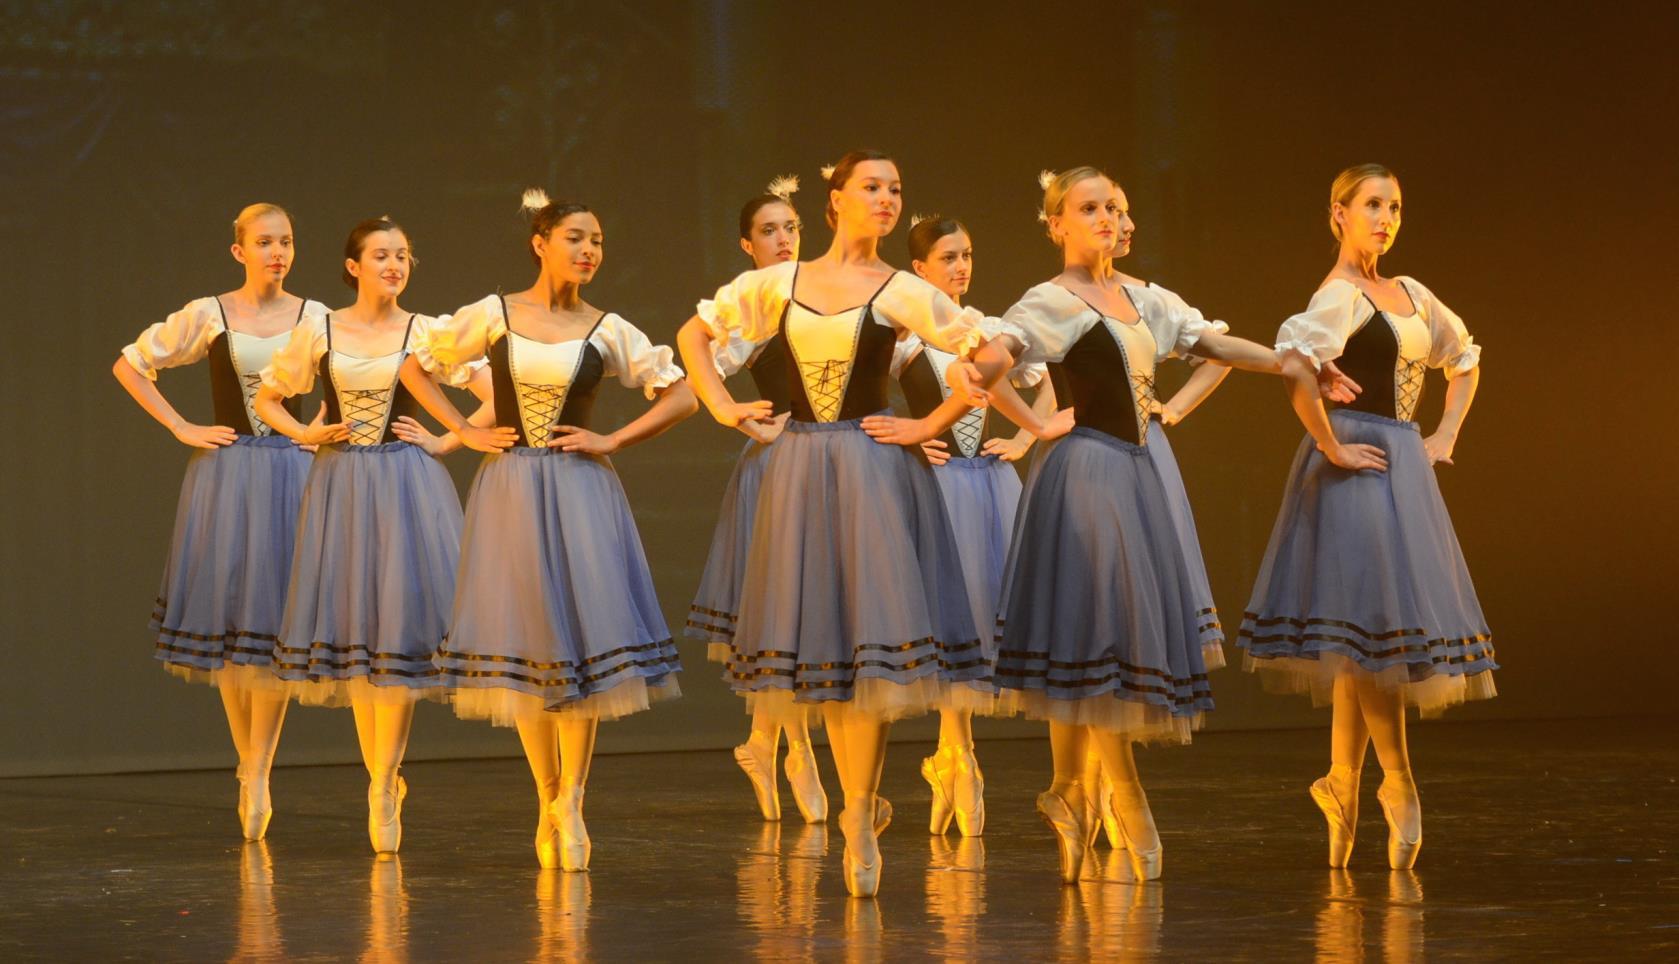 scuola di danza classica, moderna, hip hop, danza contemporanea